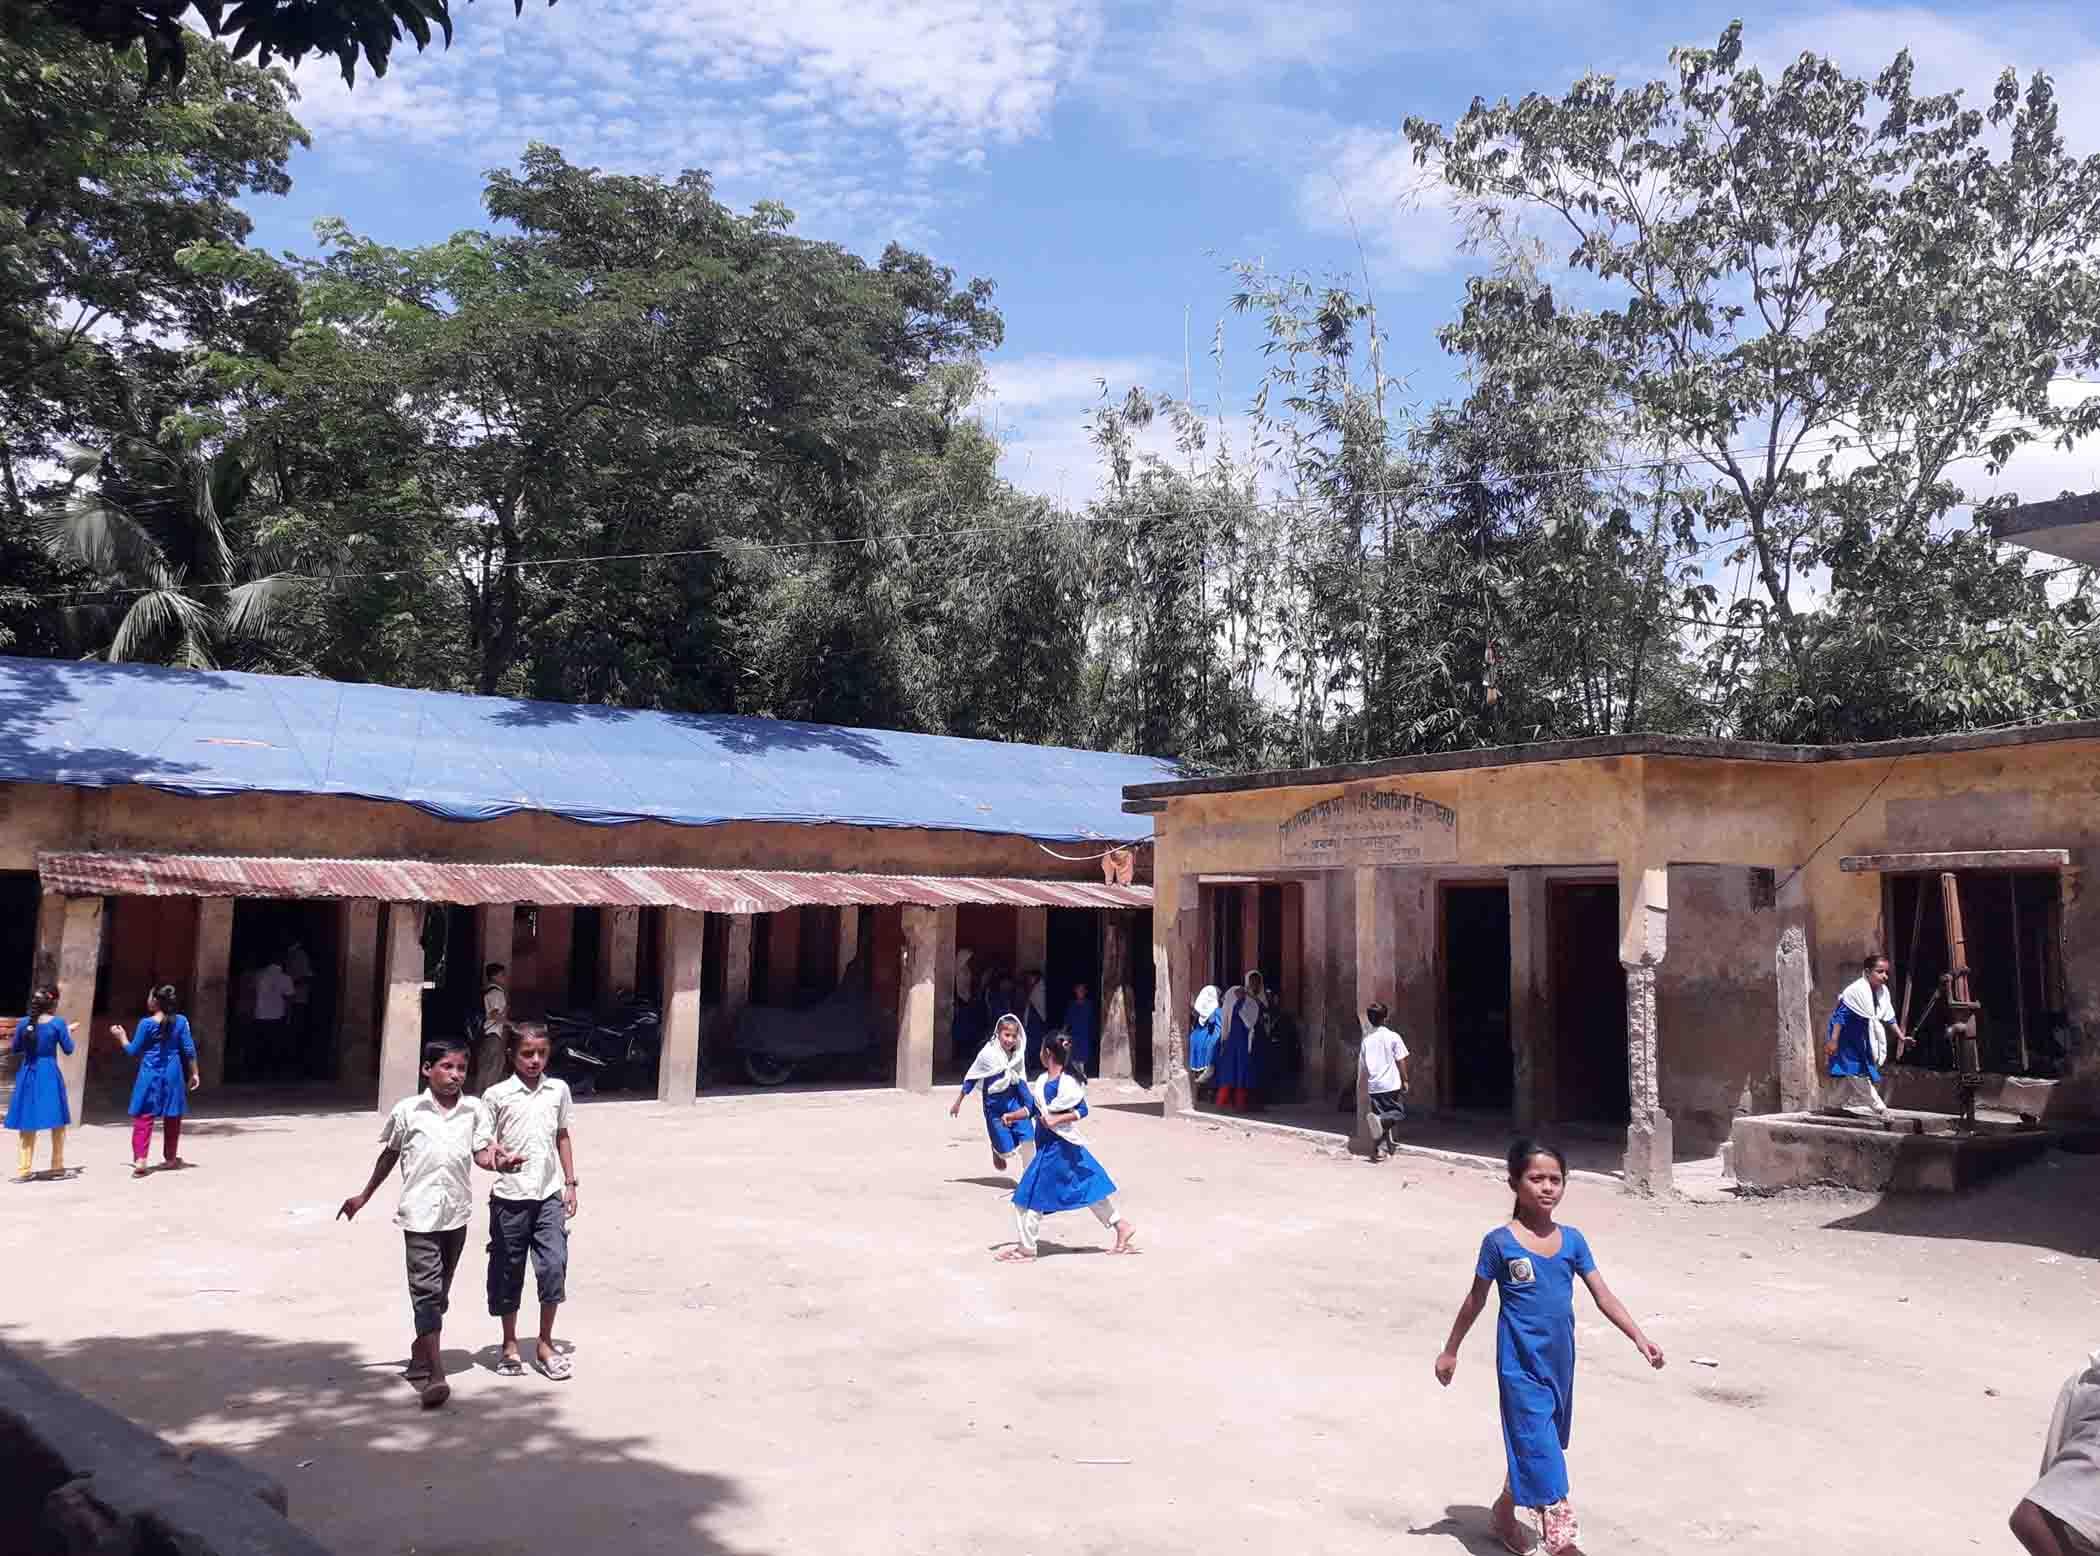 মোহাম্মদপুর সপ্রাবি'র পরিত্যক্ত ও ঝুঁকিপূর্ণ ভবন ধসে পড়ার আতঙ্কে শিক্ষক-অভিভাবকেরা